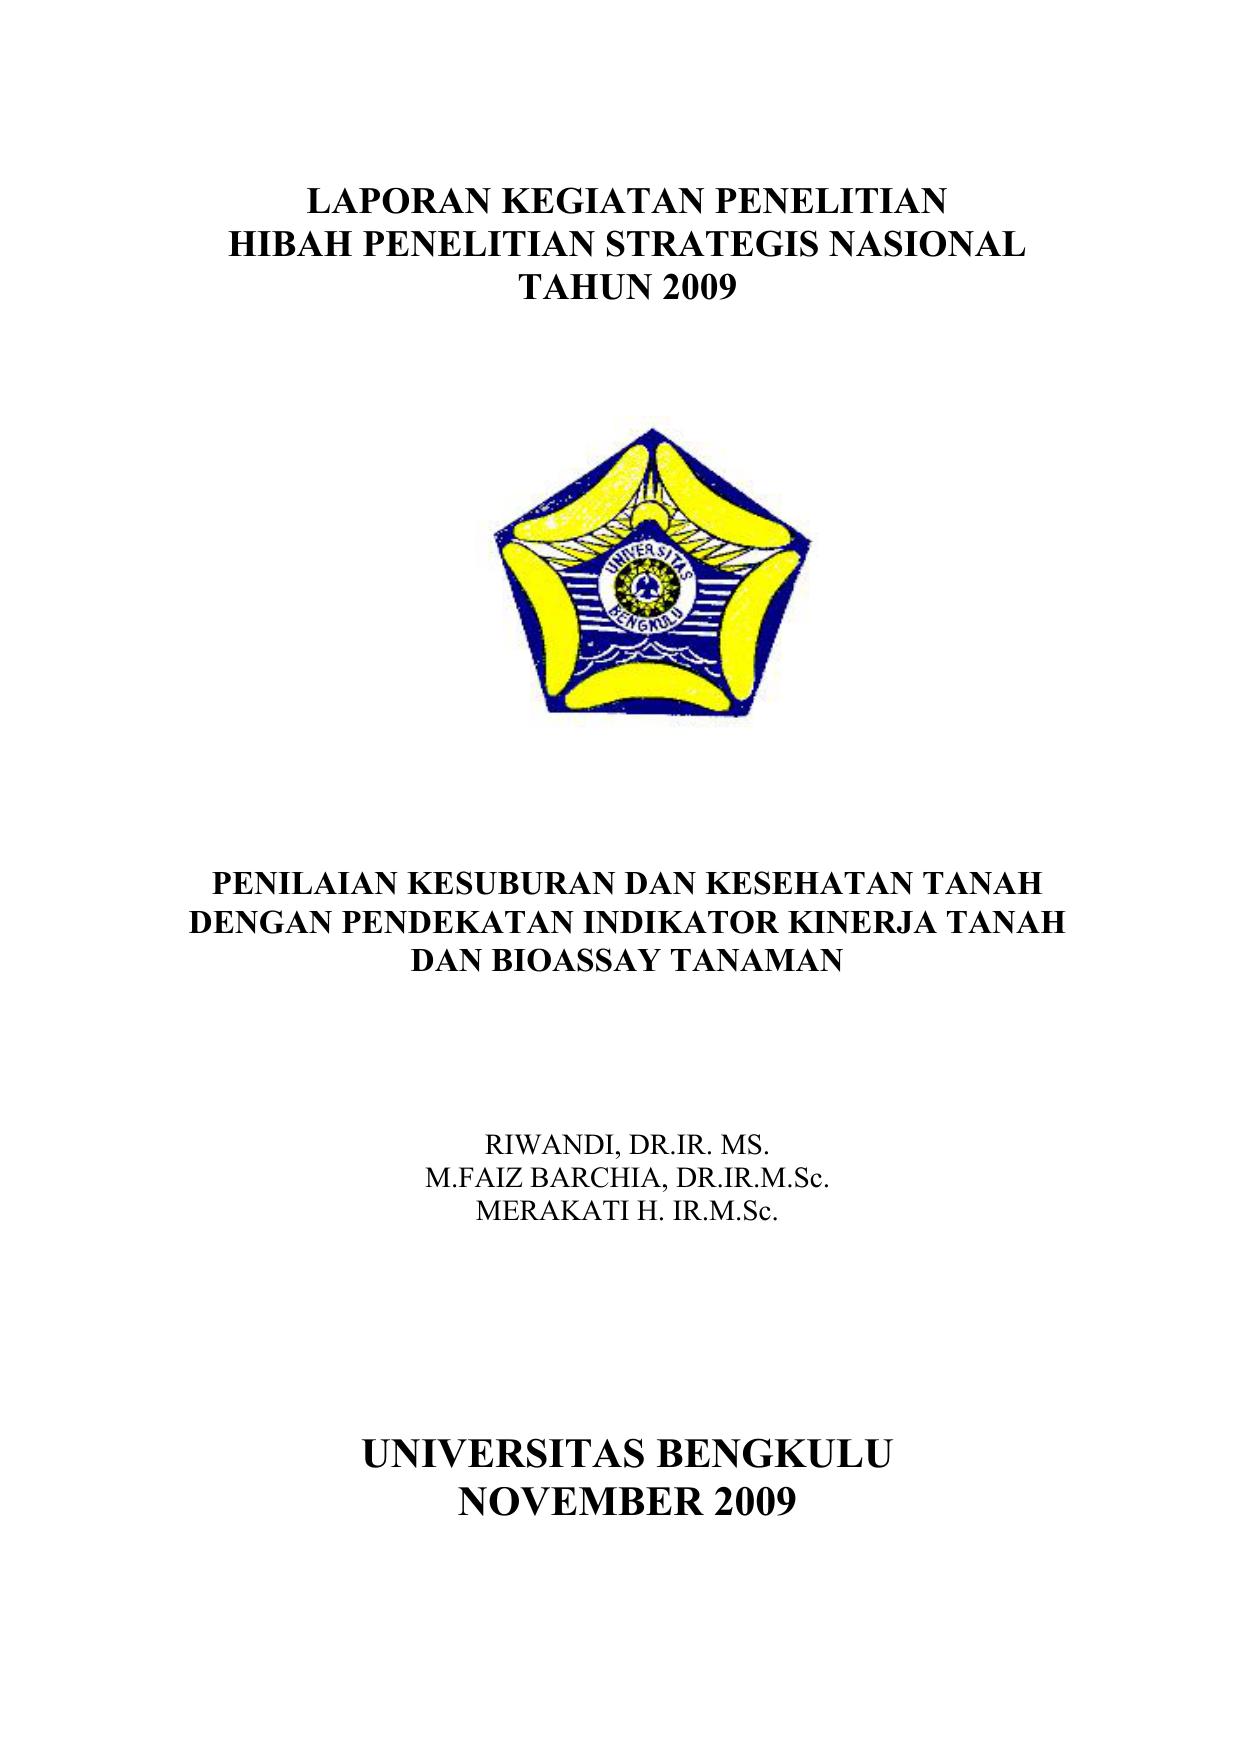 Universitas Bengkulu November 2009